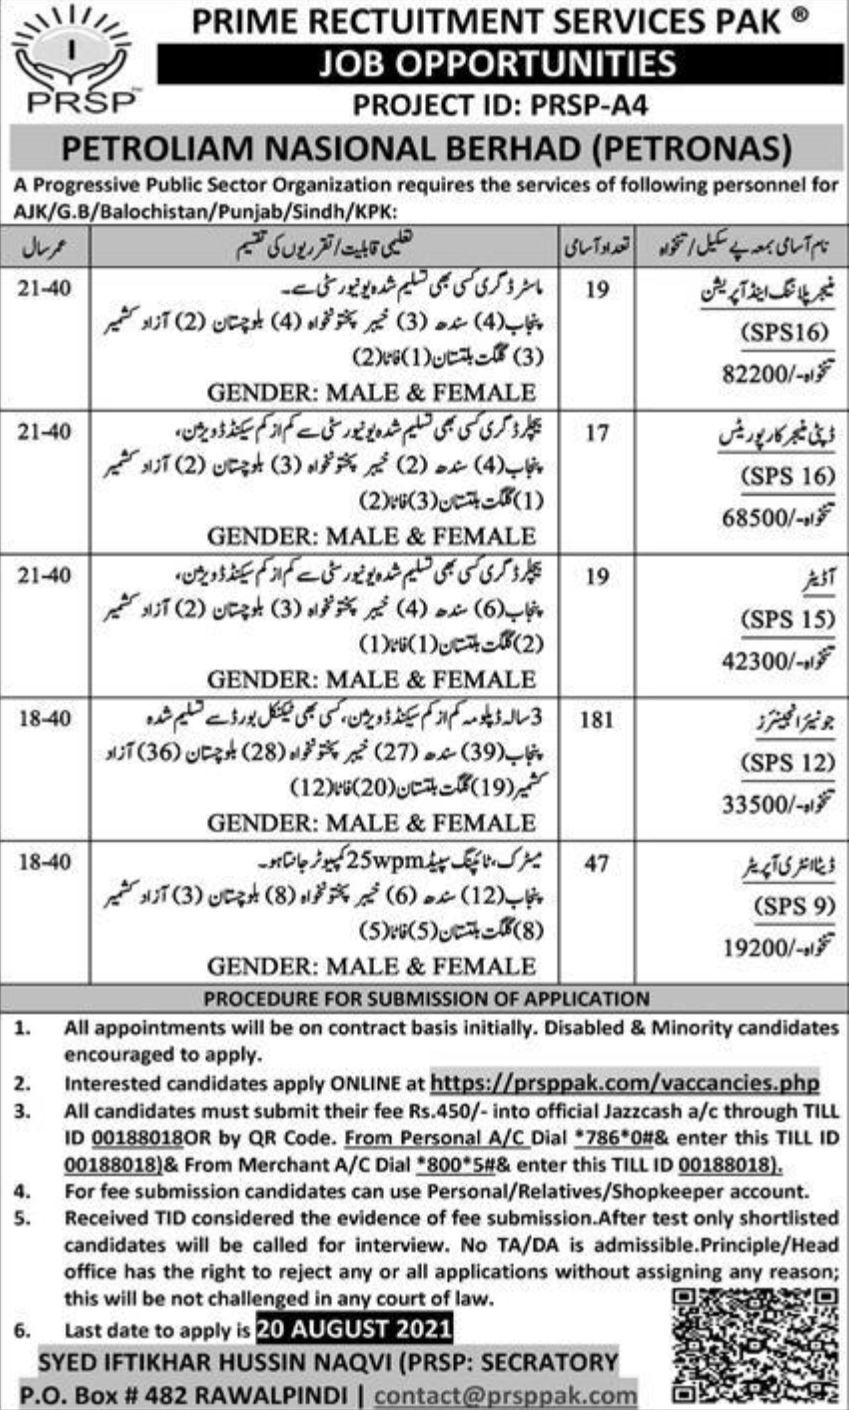 Prime Recruitment Services Pak Vacancies 2021 1